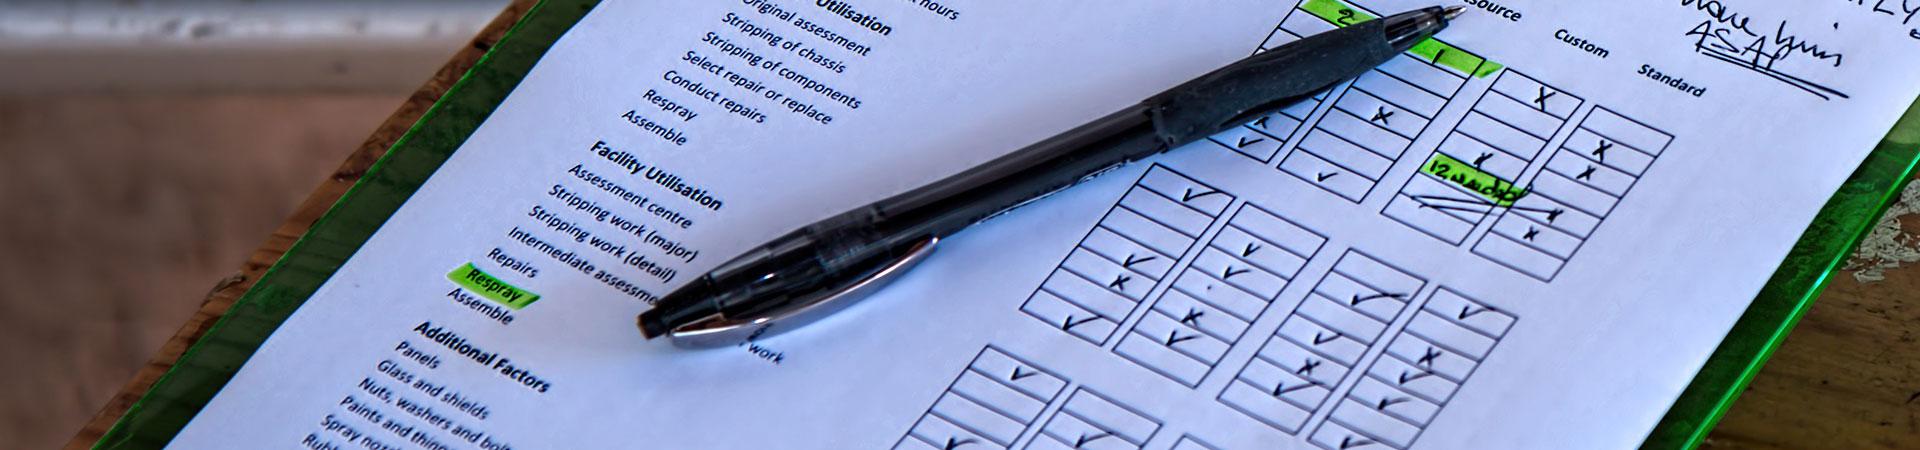 Evaluación de diseño para sitios web